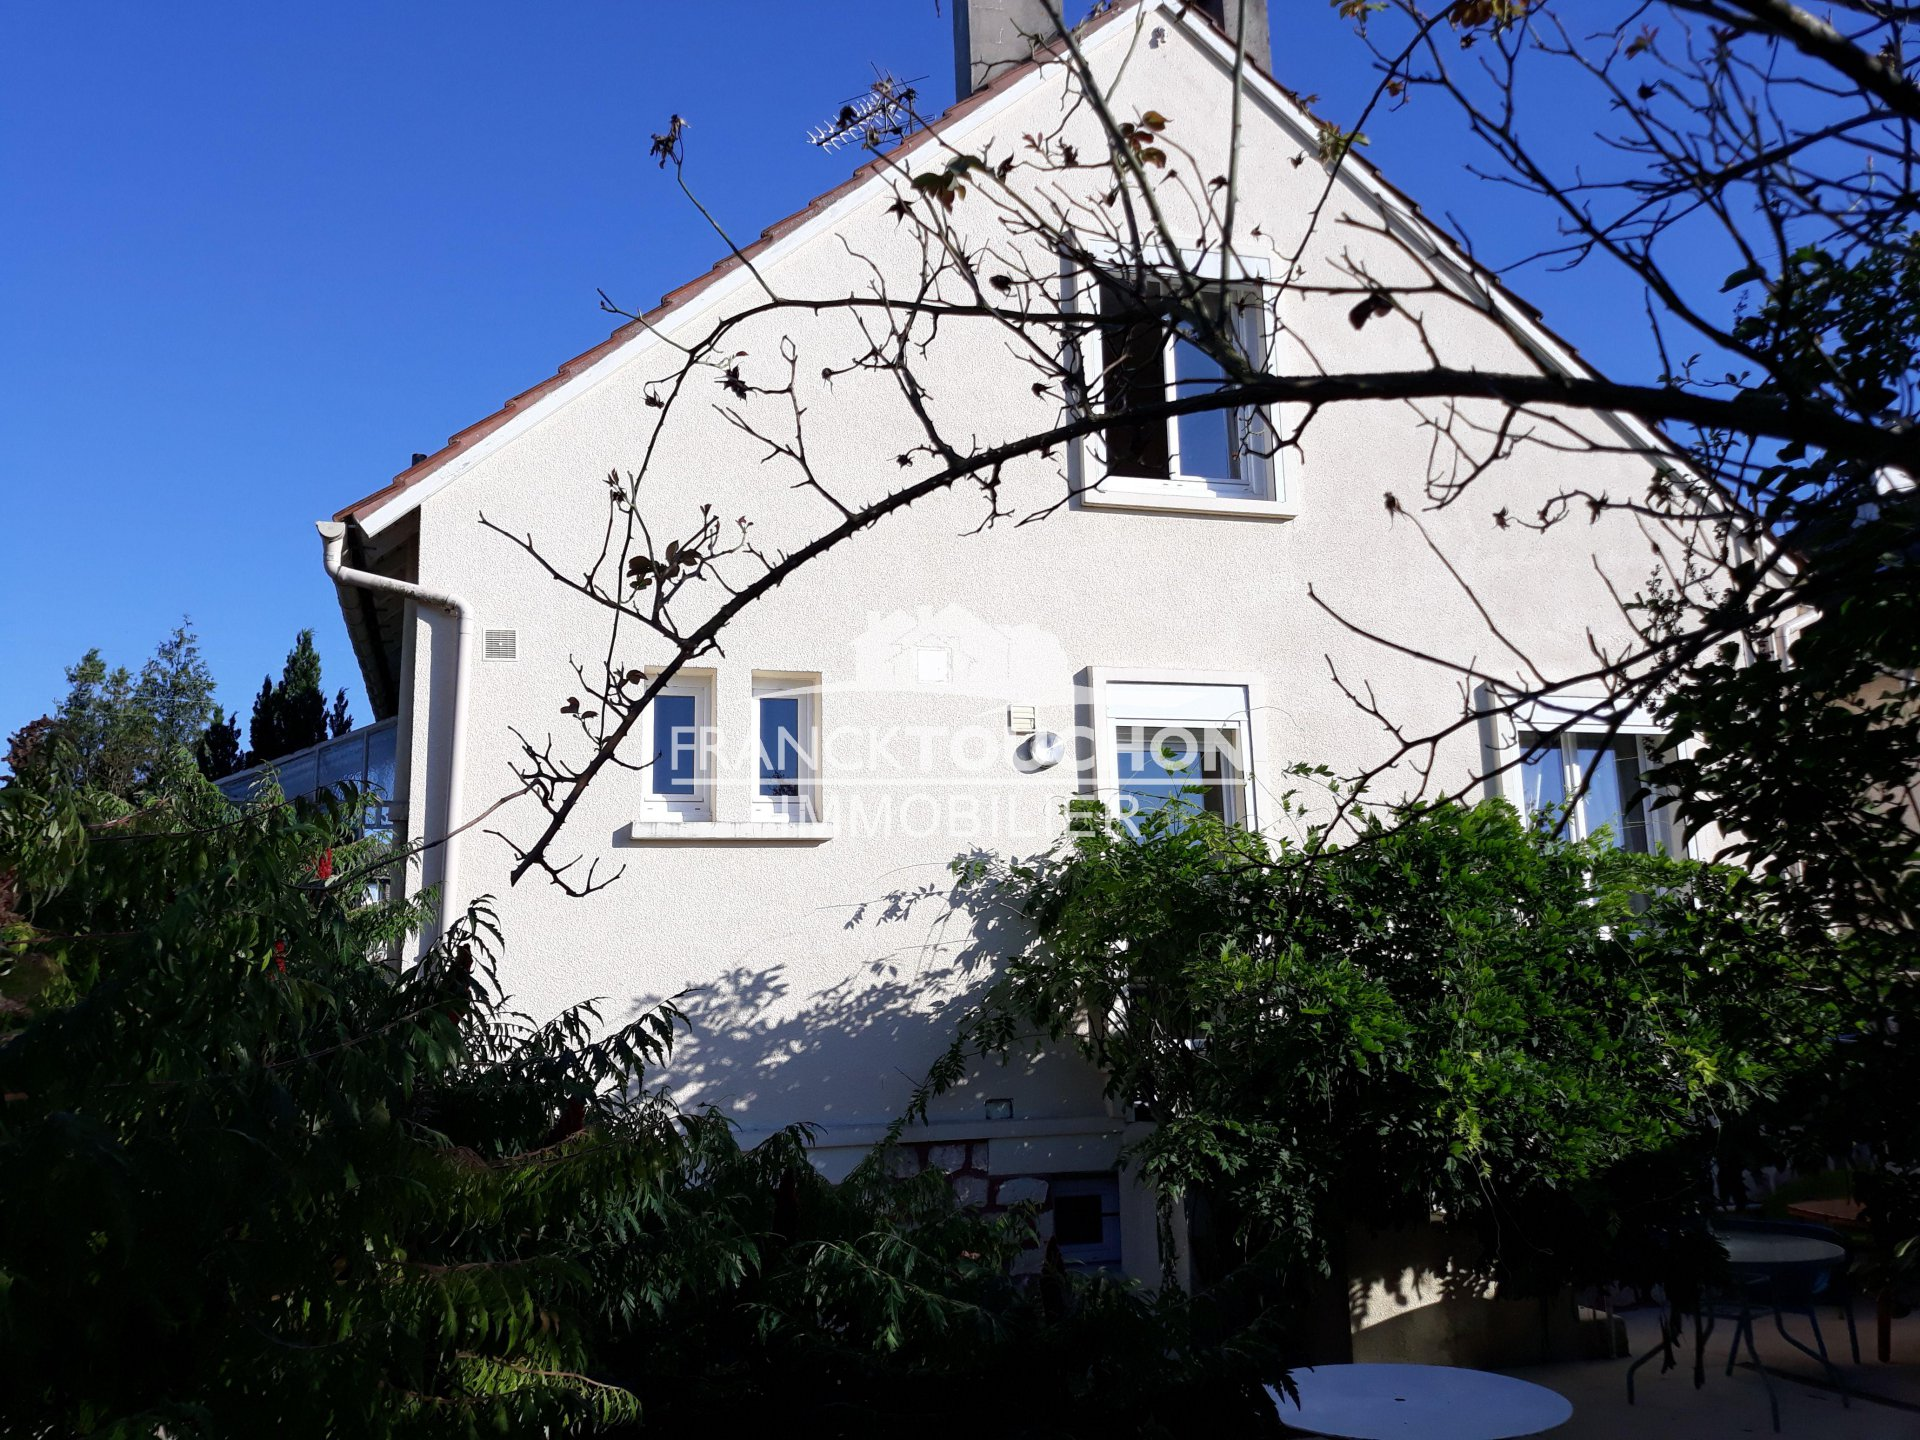 Charmante maison centre Bourg - commodités à pied - 542 m² terrain - sous-sol total